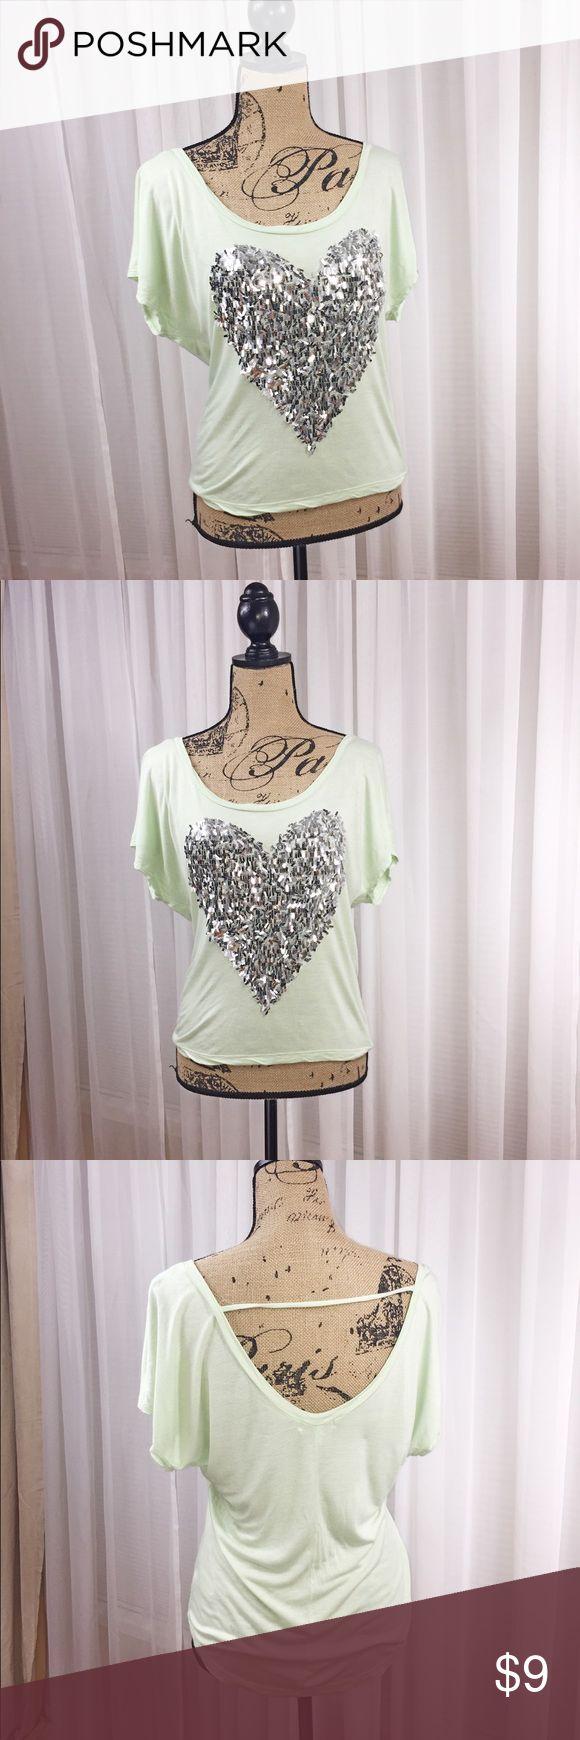 Delia's foil heart ❤️ design top Mint green top. Low cut back. Foil heart design. Fun shirt delia's Tops